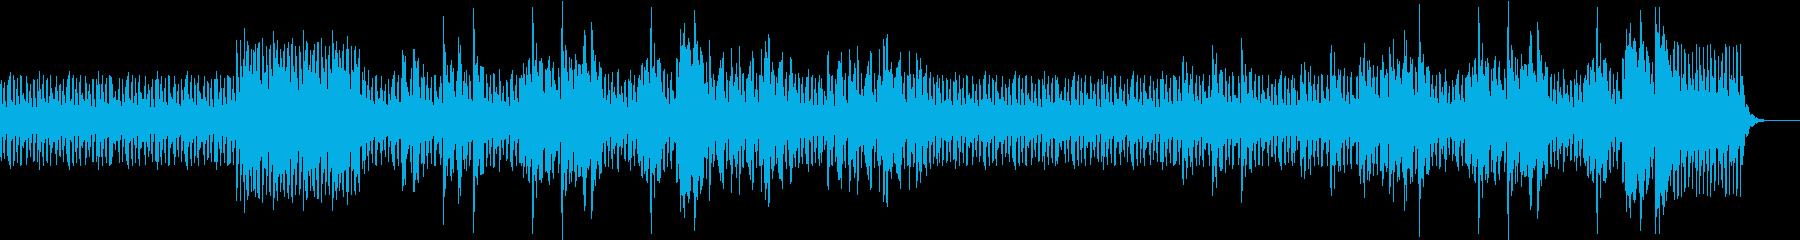 ピアノのミステリアスなインスト曲の再生済みの波形